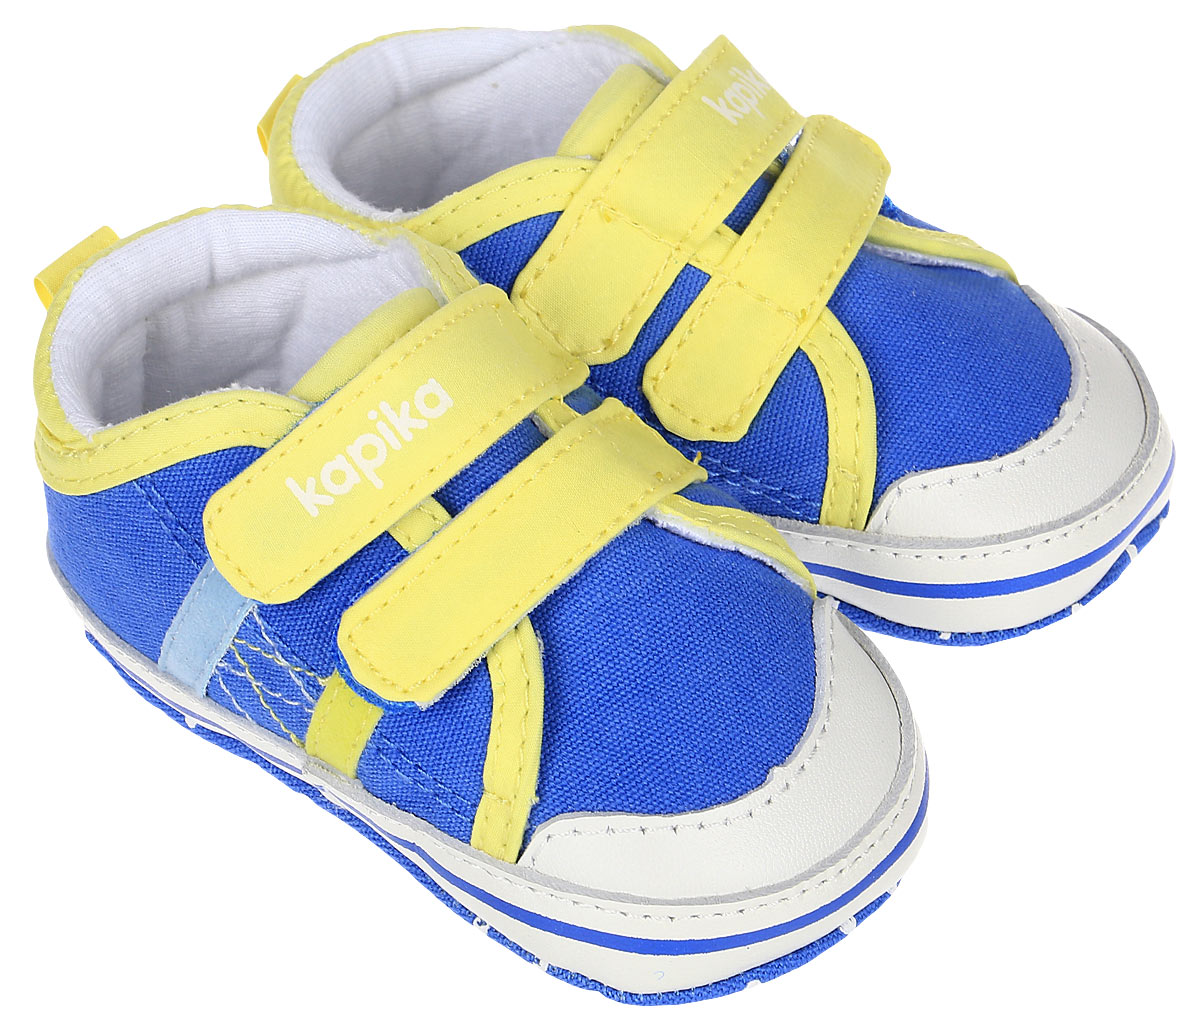 Пинетки для мальчика Kapika, цвет: голубой, желтый. 10128. Размер 1710128Стильные и модные пинетки для мальчика Kapika выполнены из текстиля с элементами из натуральной кожи. Модель на застежках-липучках, которые надежно фиксирует пинетки на ножке ребенка и позволяет регулировать их объем. Удобные детские пинетки станут любимой обувью вашего ребенка.